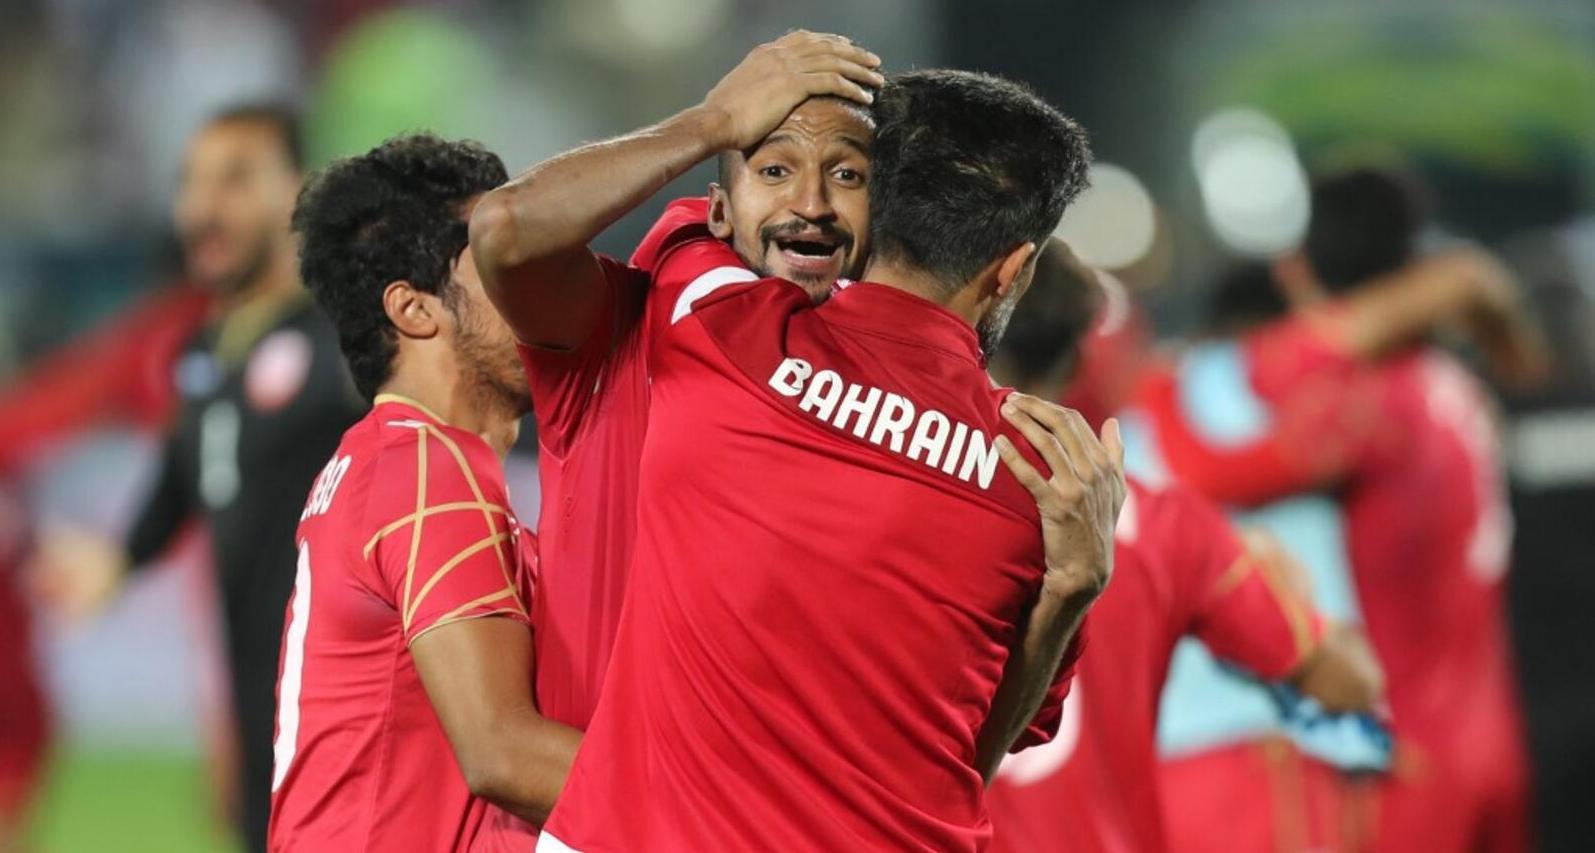 البحرين تتوج بكأس خليجي لأول مرة في تاريخها